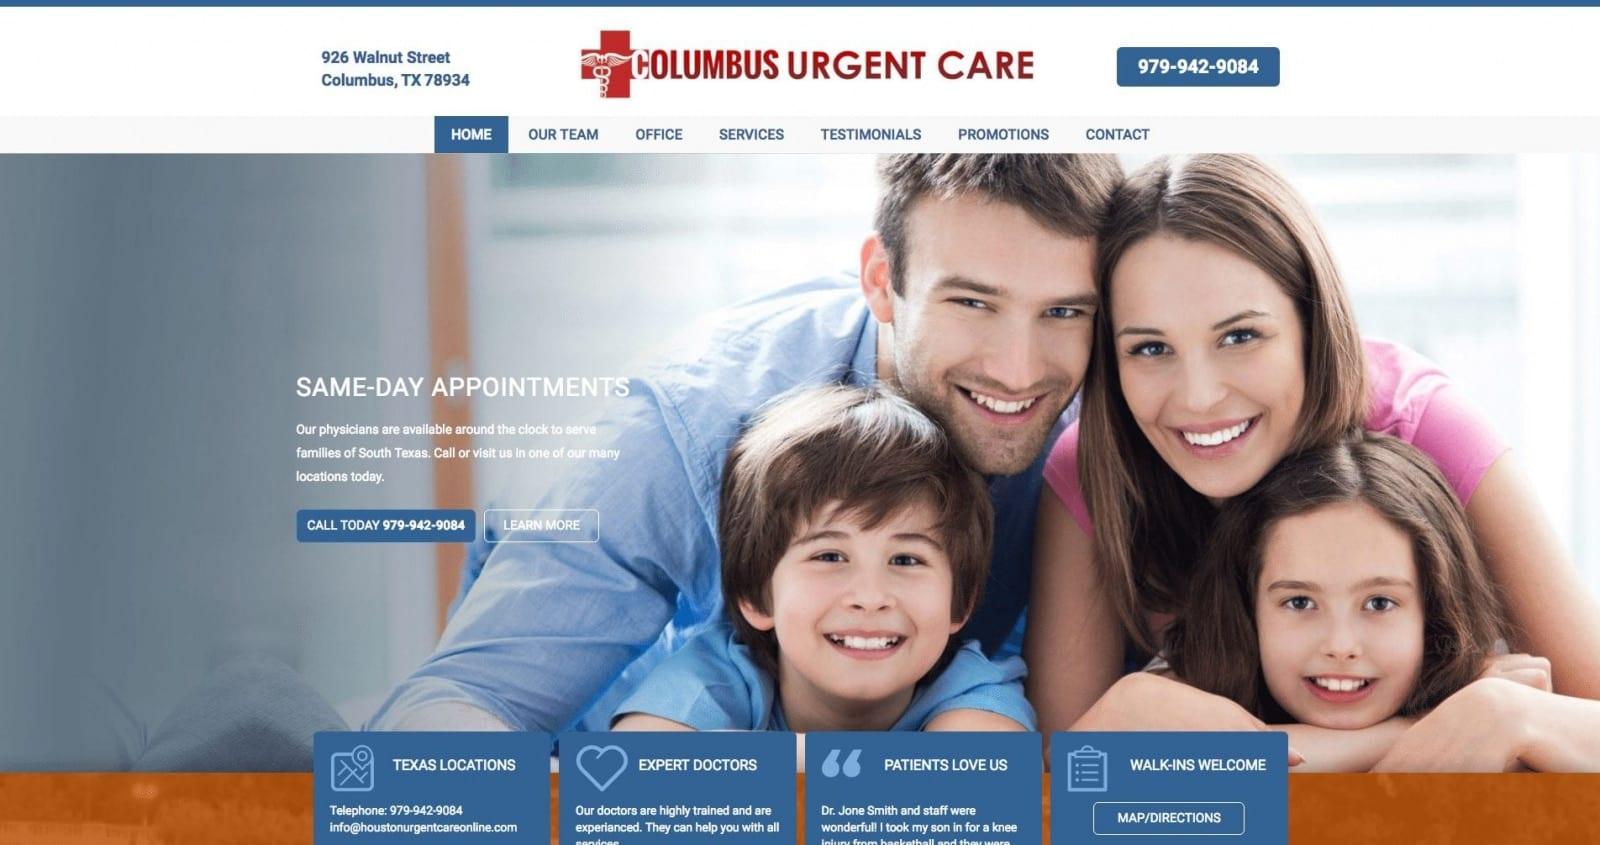 Medical Website Design for Urgent Care